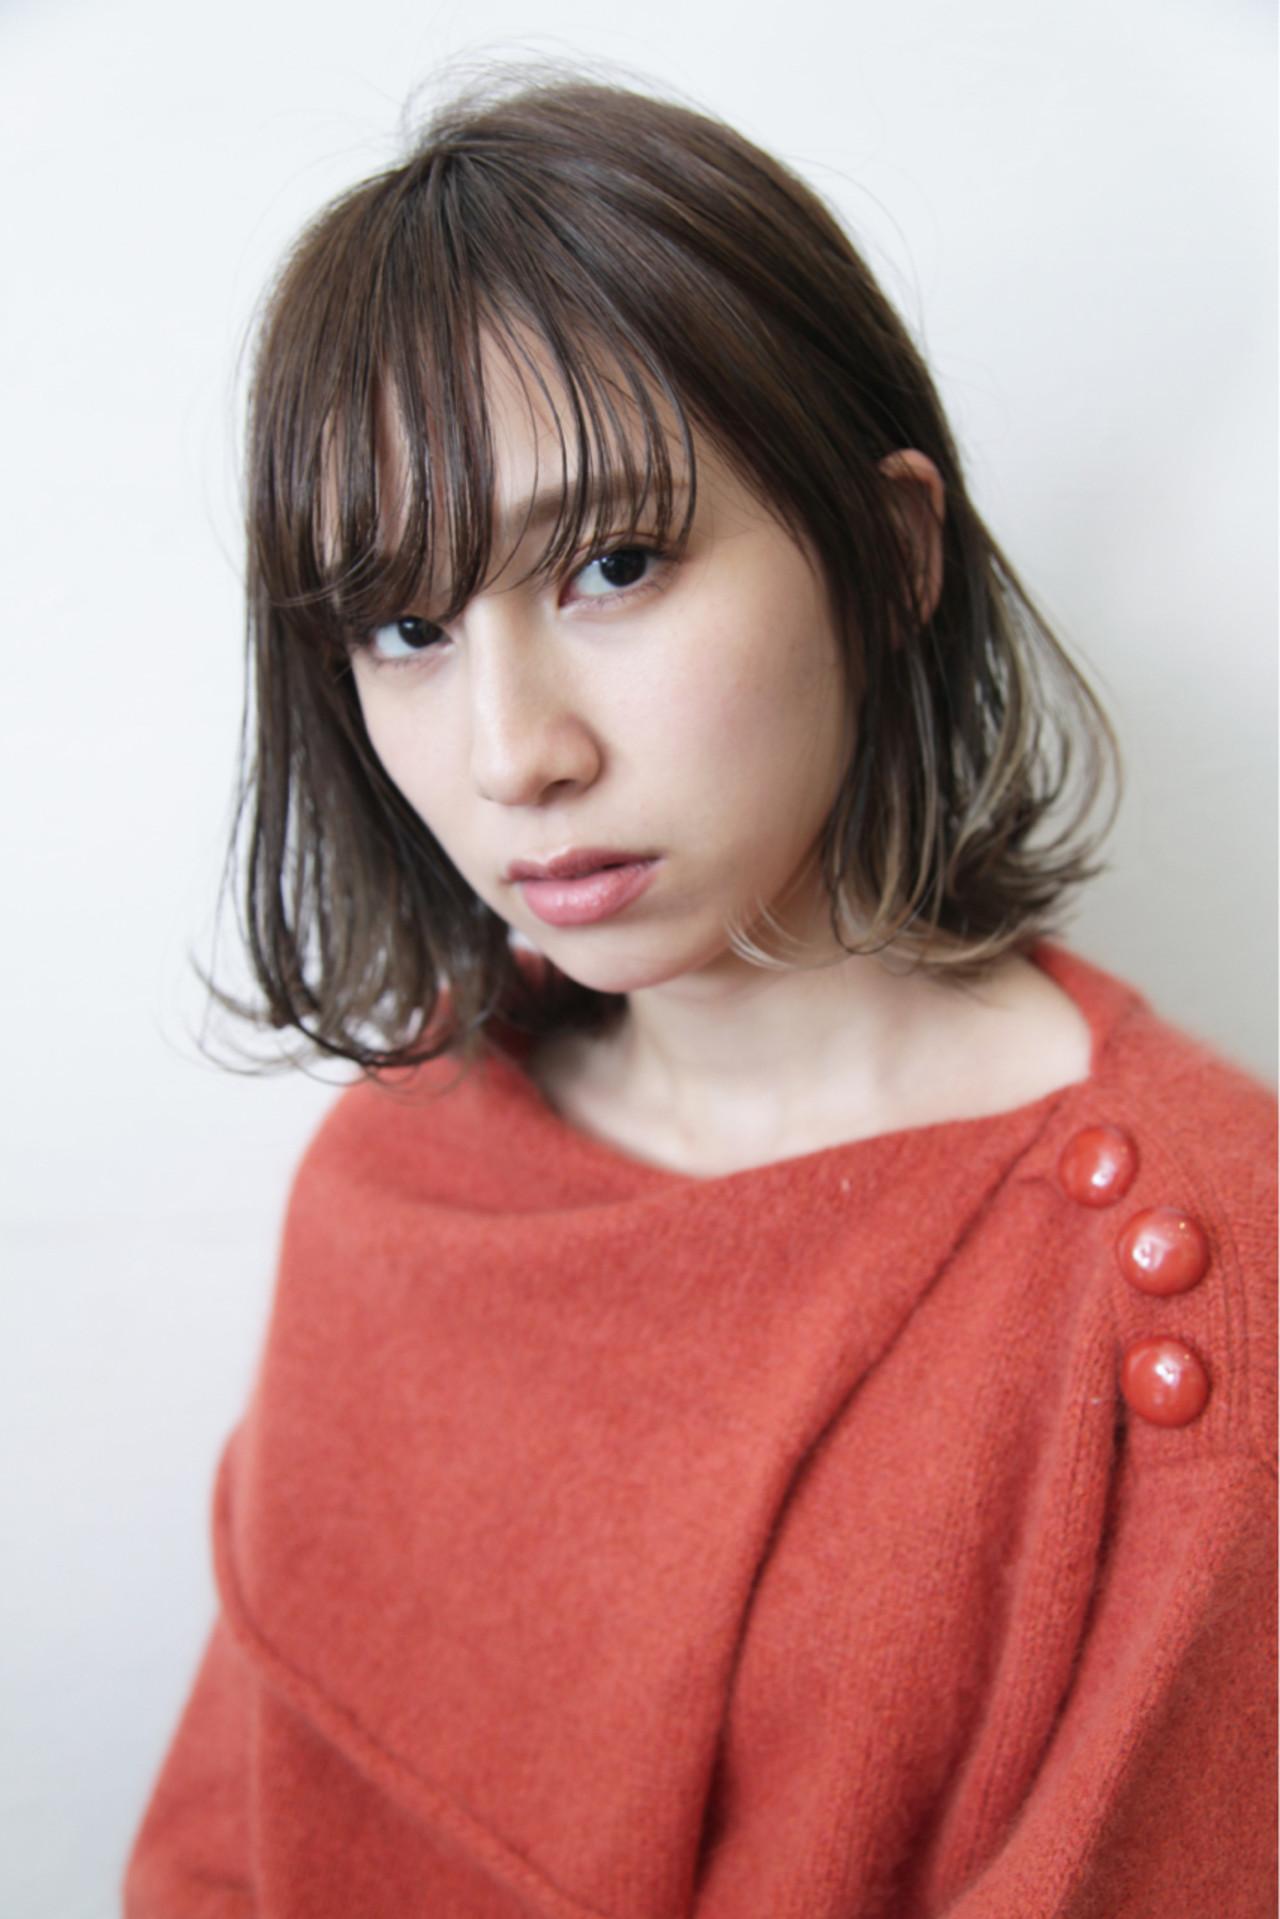 インナーカラー イルミナカラー デート ゆるふわ ヘアスタイルや髪型の写真・画像 | 畑山拓也 / Baco.